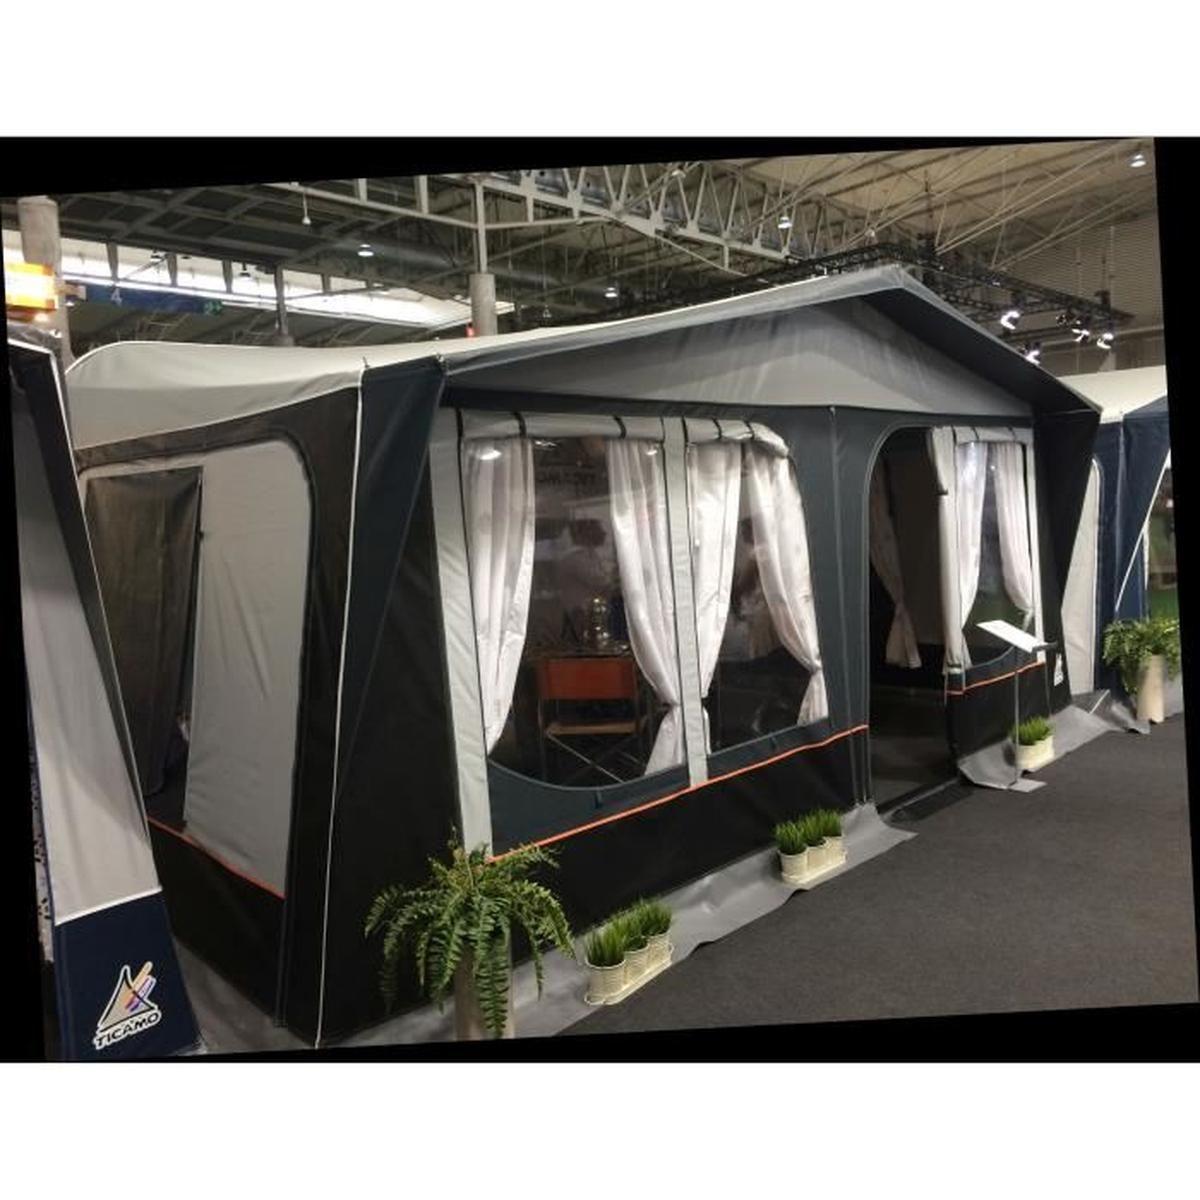 Auvent De Caravane Toscana Luxe 270 Y1100 destiné Auvent Pas Cher